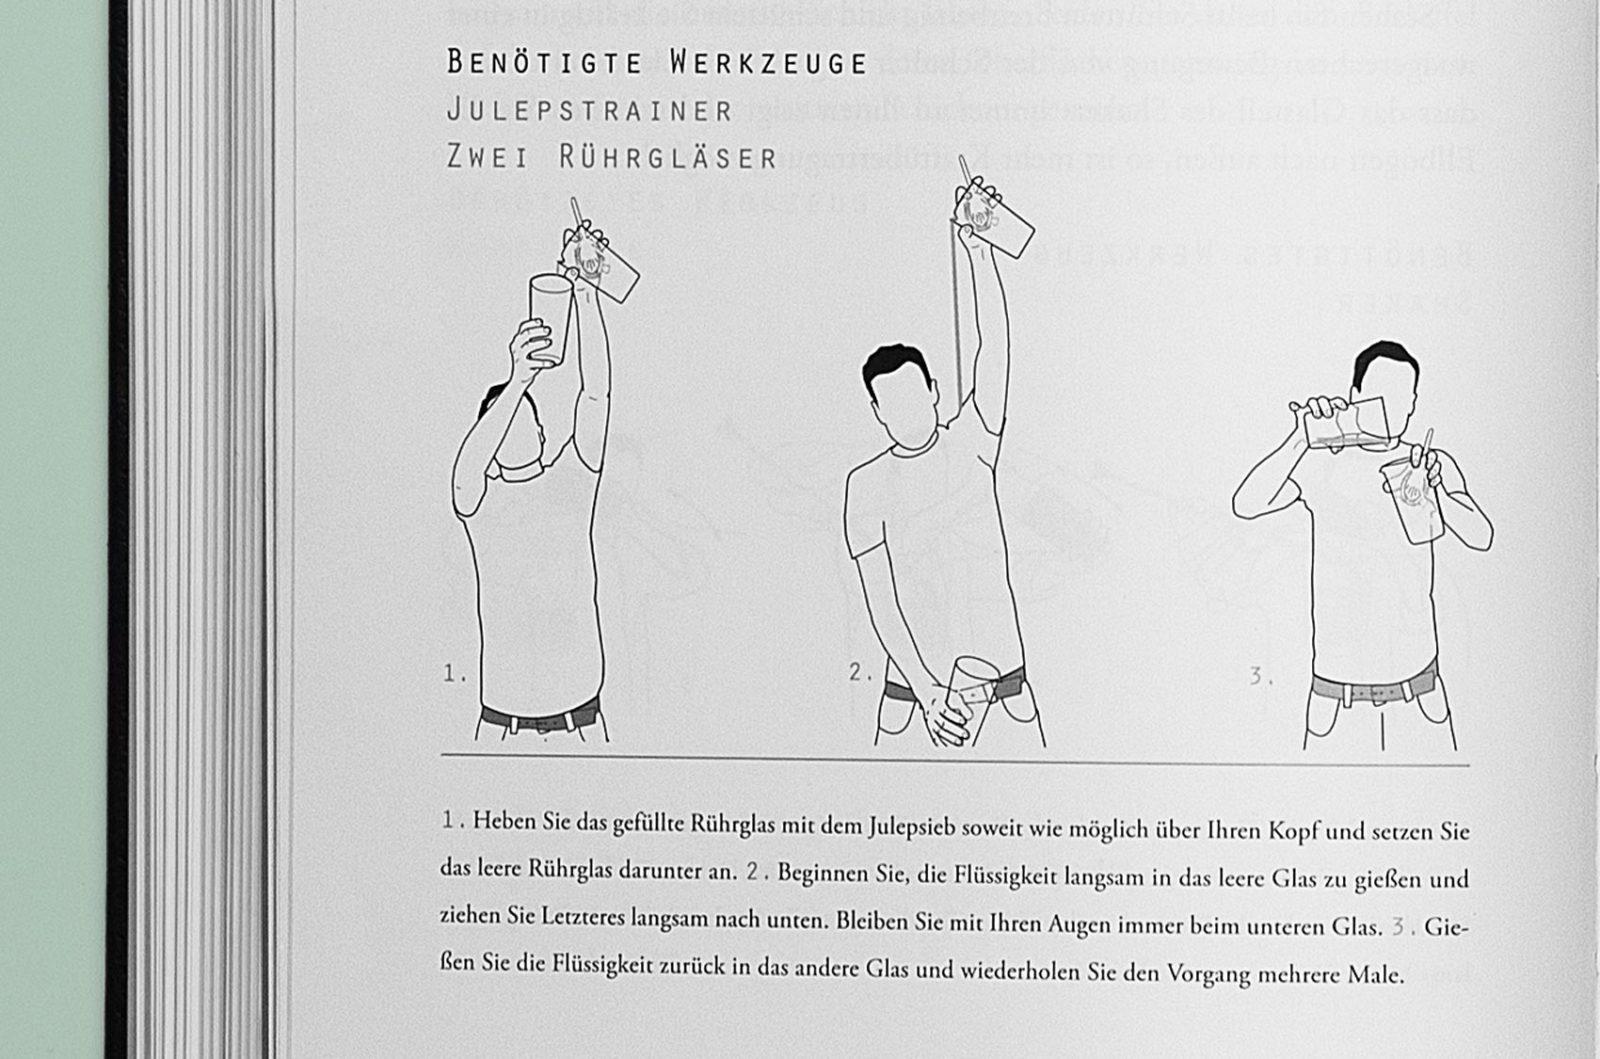 Editienne Grafikdesign - Kommunikationsdesign Berlin- Buchgestaltung Cocktailian 1 Das Handbuch der Bar 26